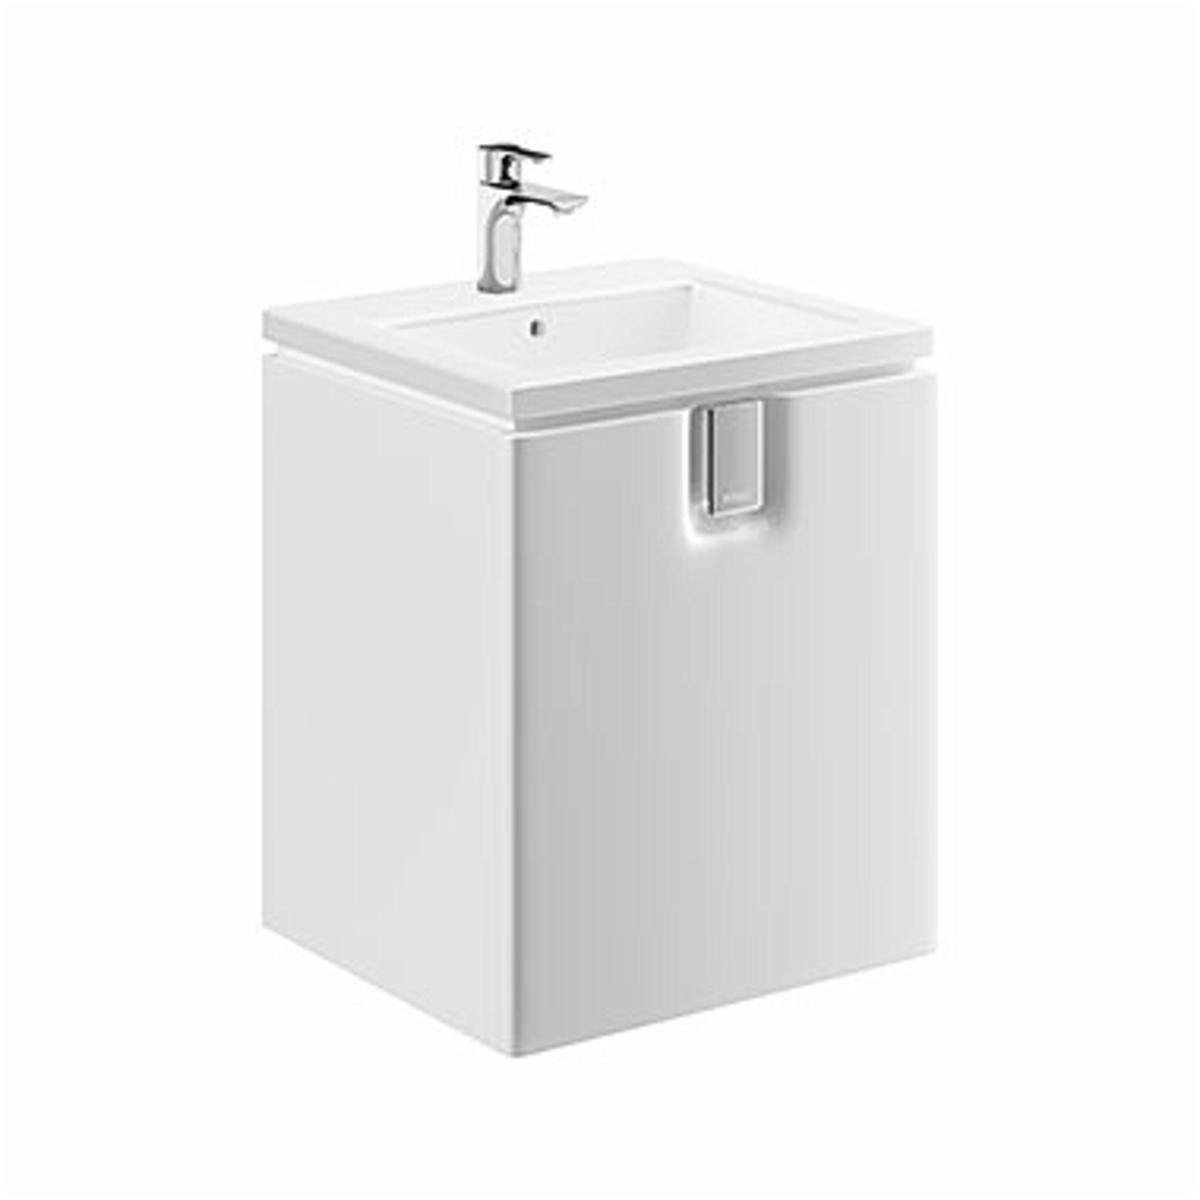 Kúpeľňová skrinka pod umývadlo KOLO Twins 50x57x46 cm biela lesk 89483000